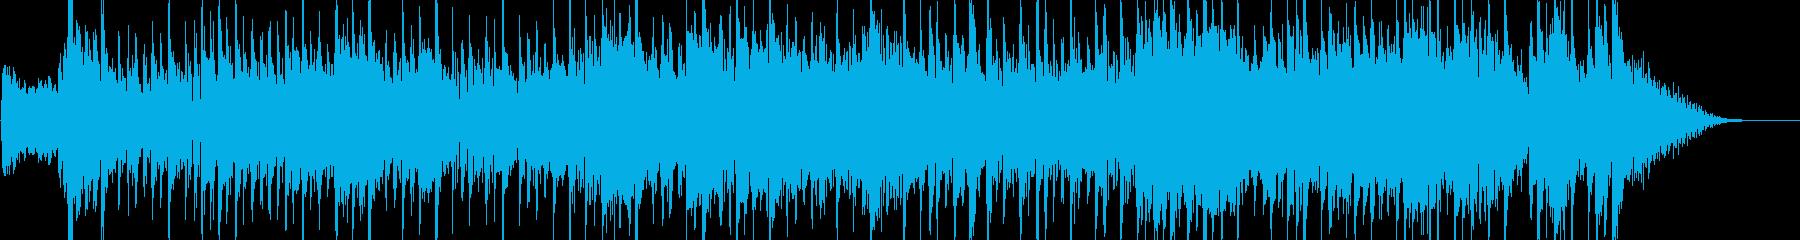 和風なテクノのんの再生済みの波形